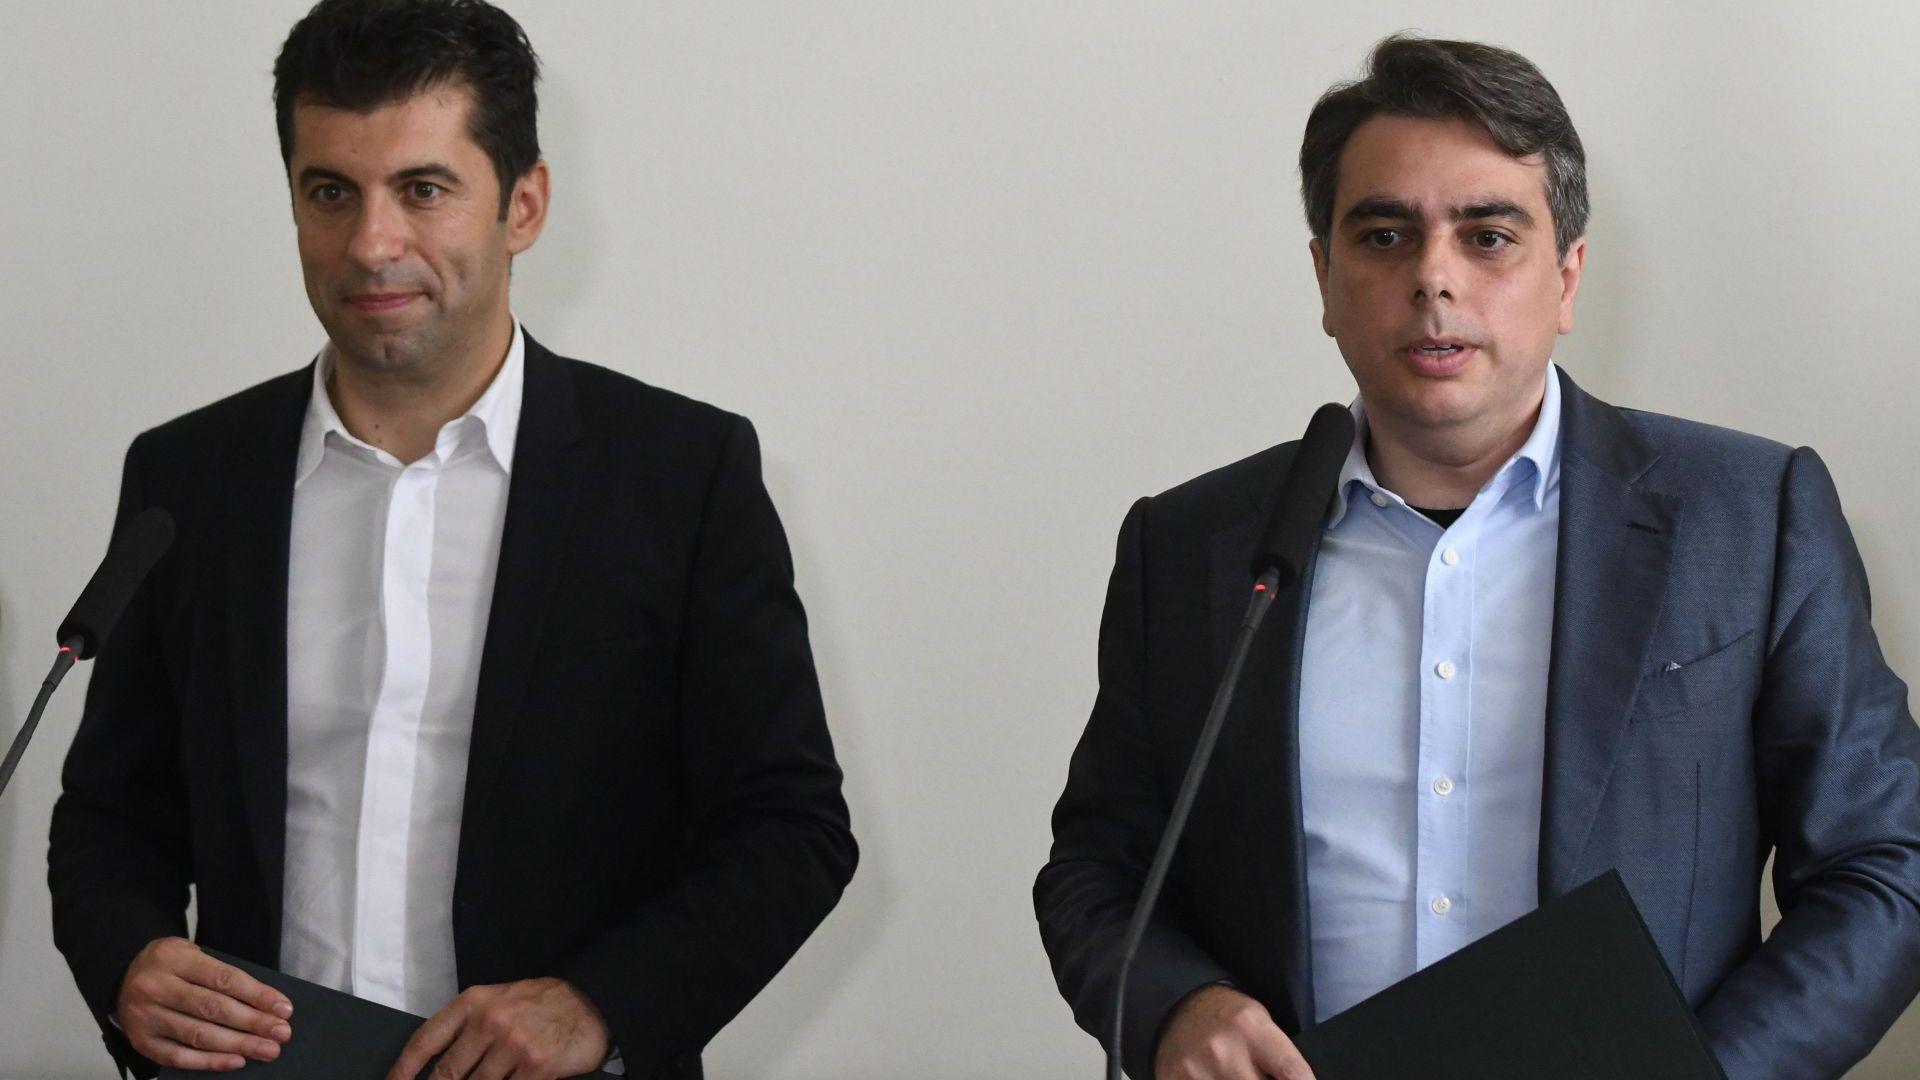 Проф. Галунов: Проектът на Асен Василев и Кирил Петков ще осигури депутати в следващото НС